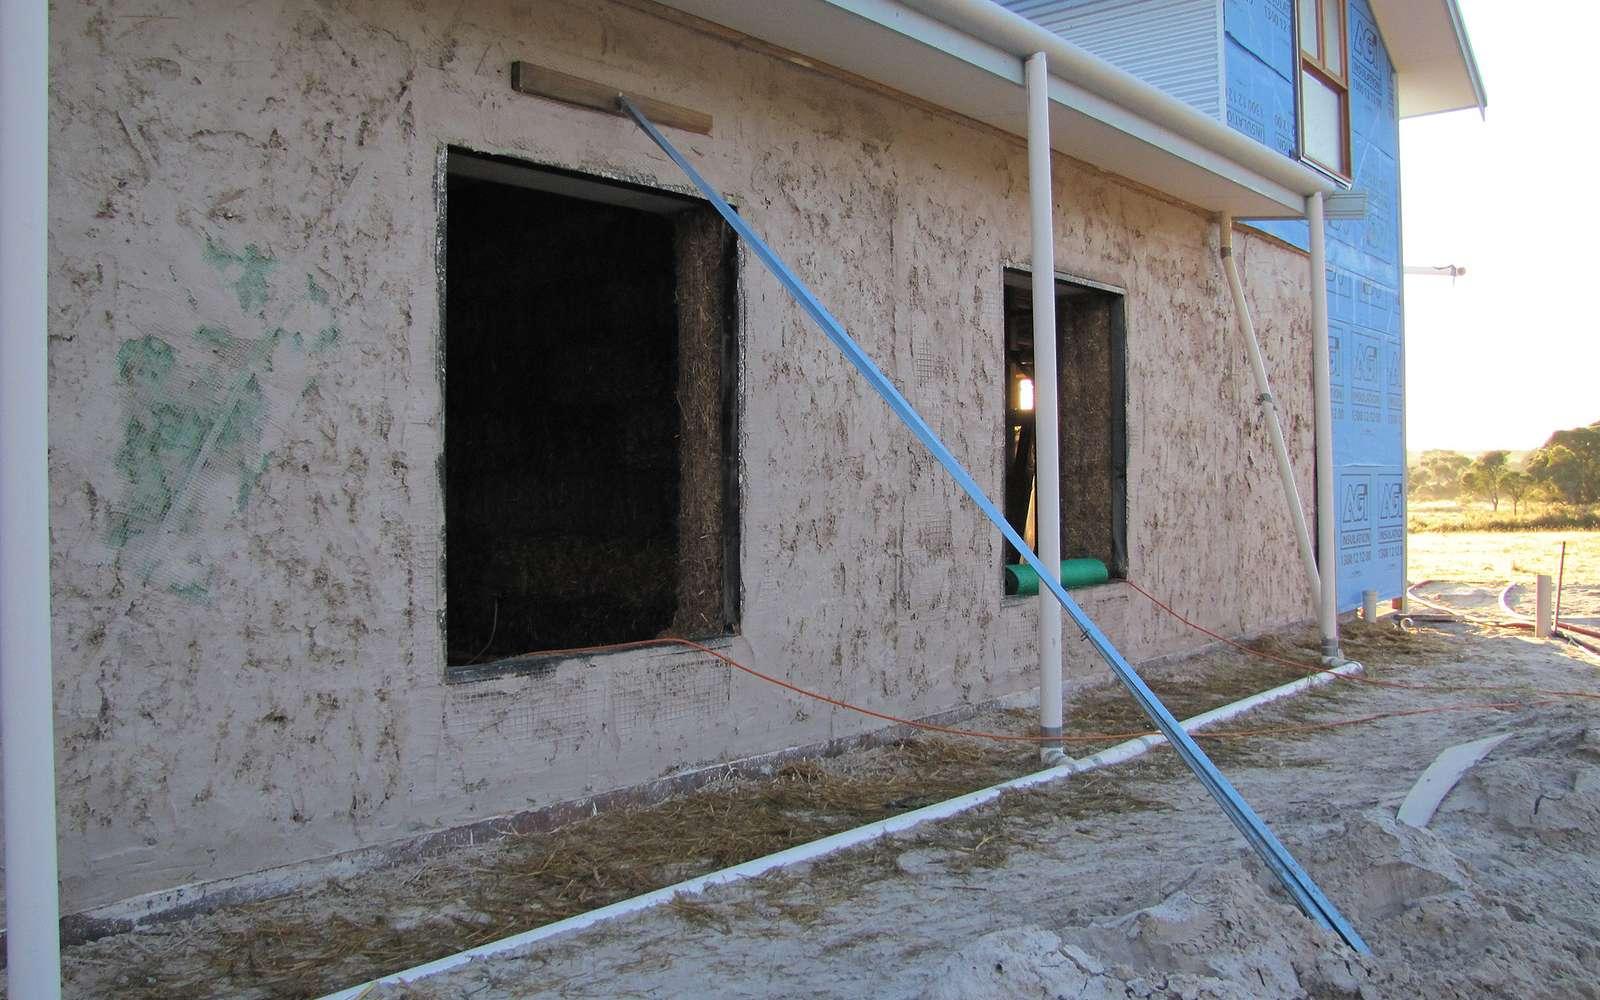 Le crépi sert tout autant à la décoration qu'à la protection des murs. © Brett et Sue Coulstock, Flickr, CC BY-ND 2.0